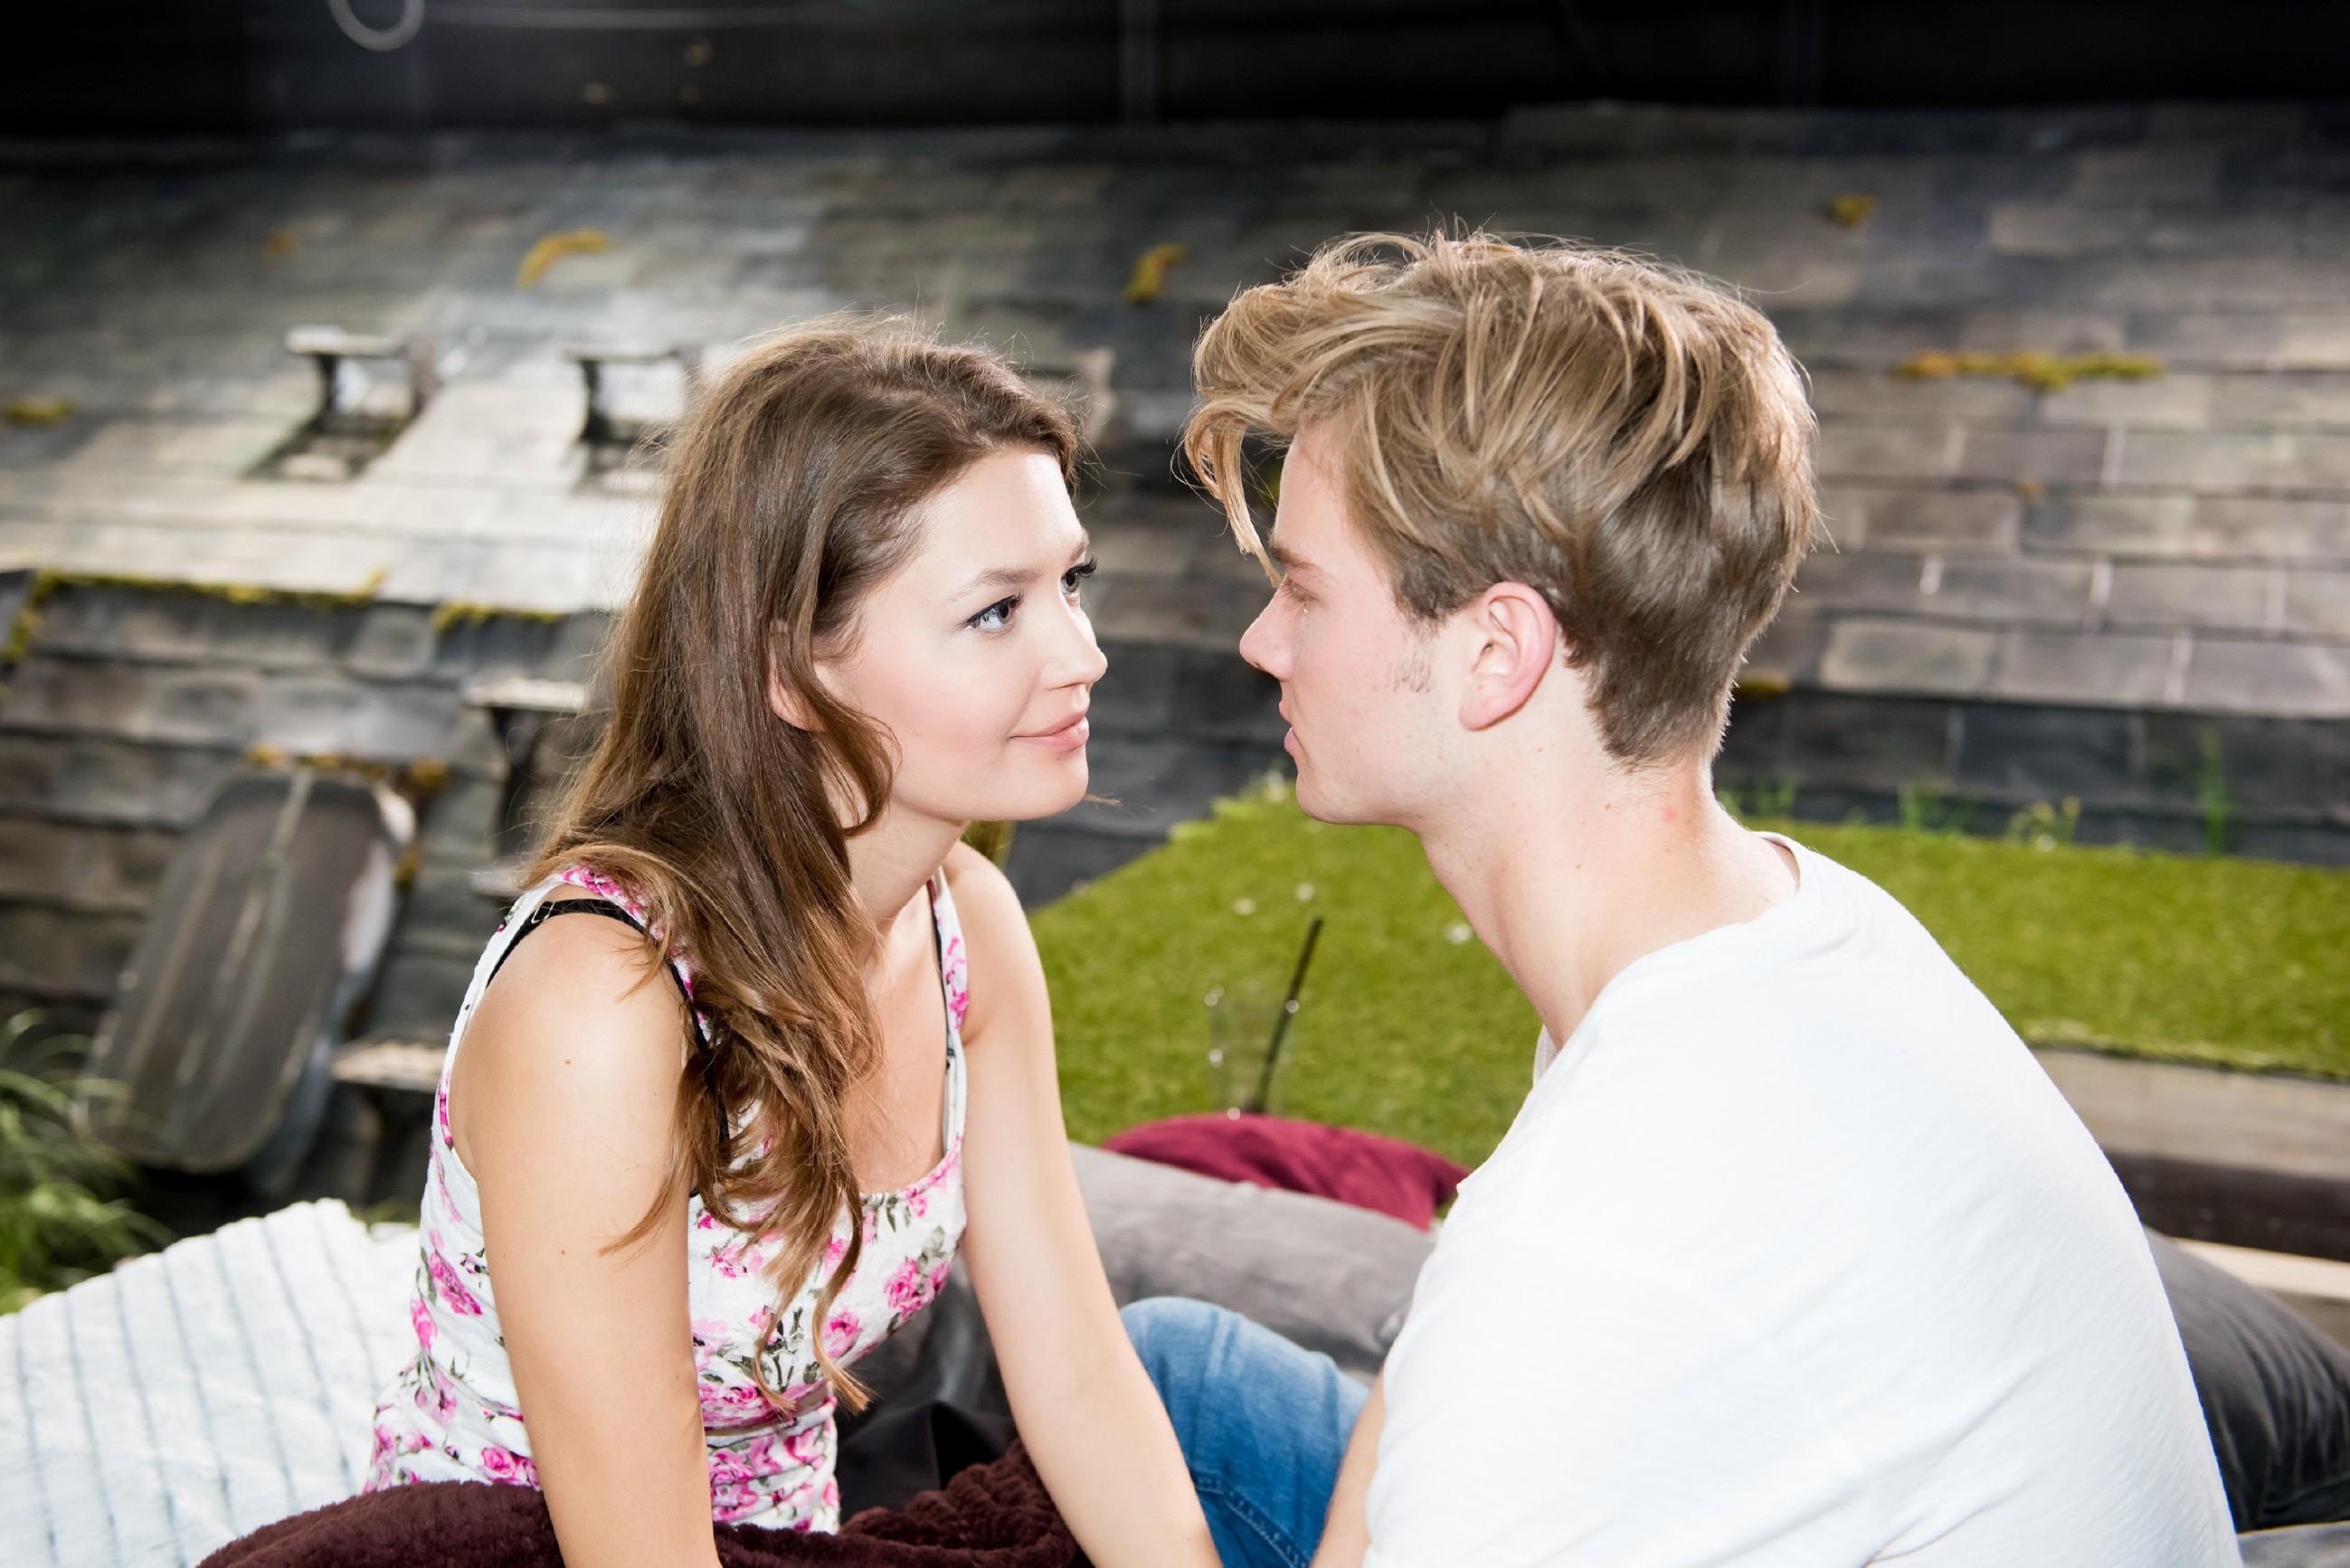 Als Jule (Amrei Haardt) von Valentins (Aaron Koszuta) veränderten Auftreten sehr angetan ist, geht Valentin aufs Ganze und die beiden werden ein Paar.